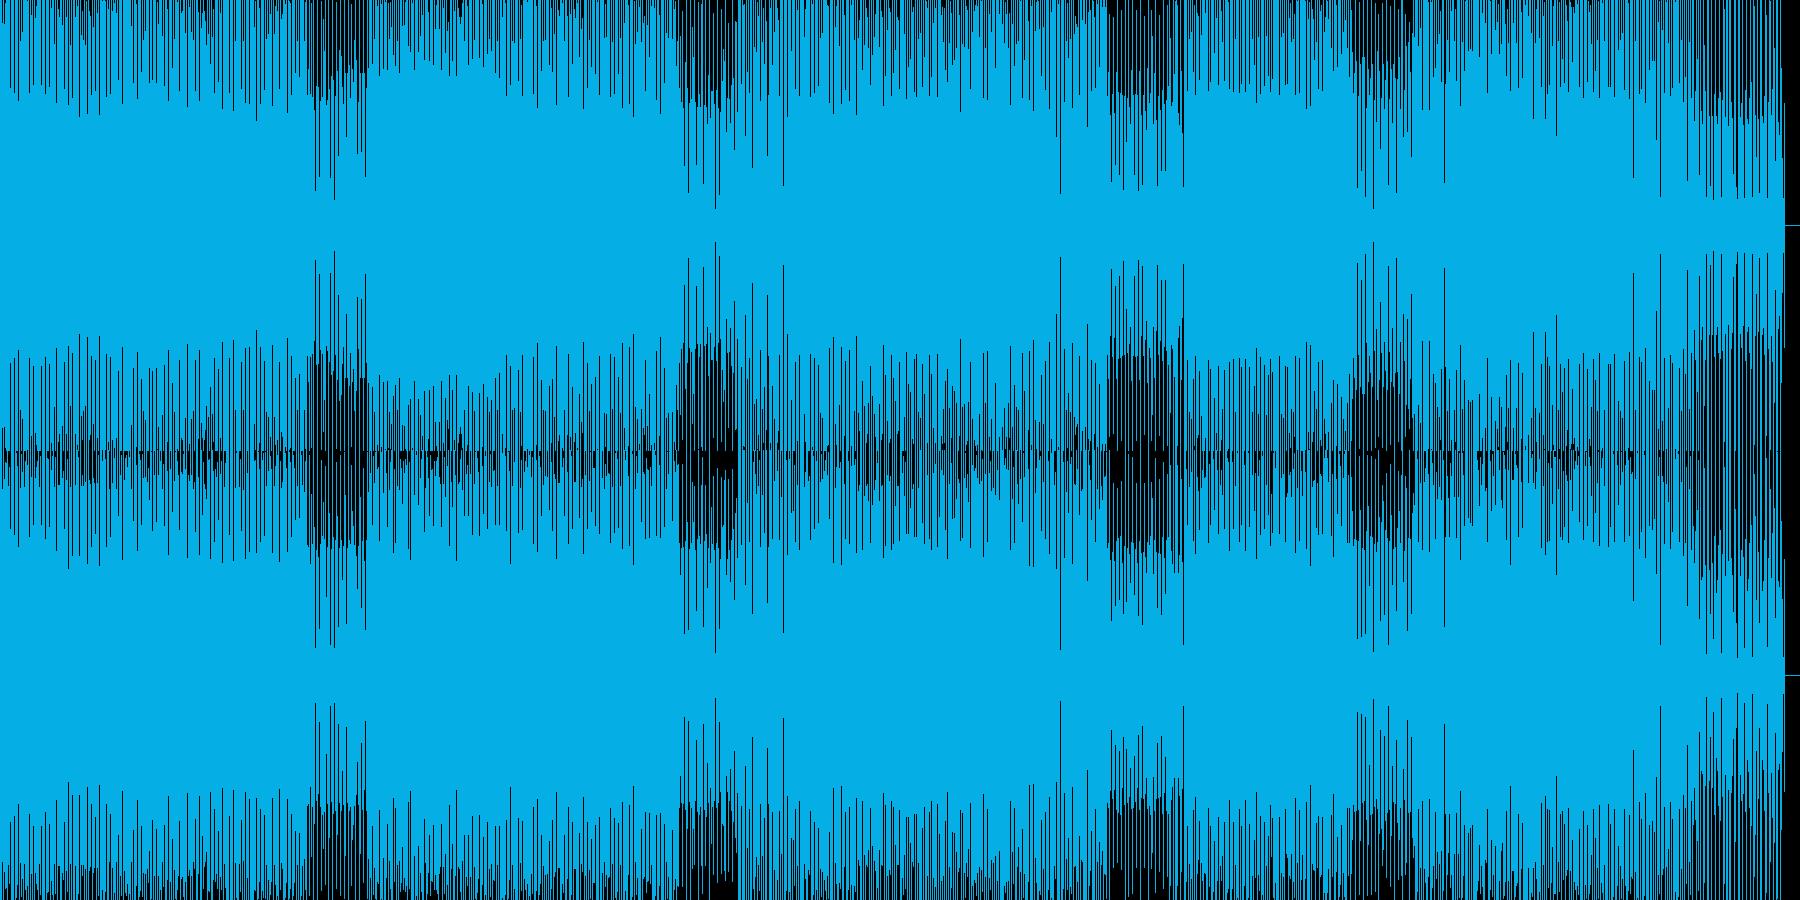 暗めなminimal house の再生済みの波形